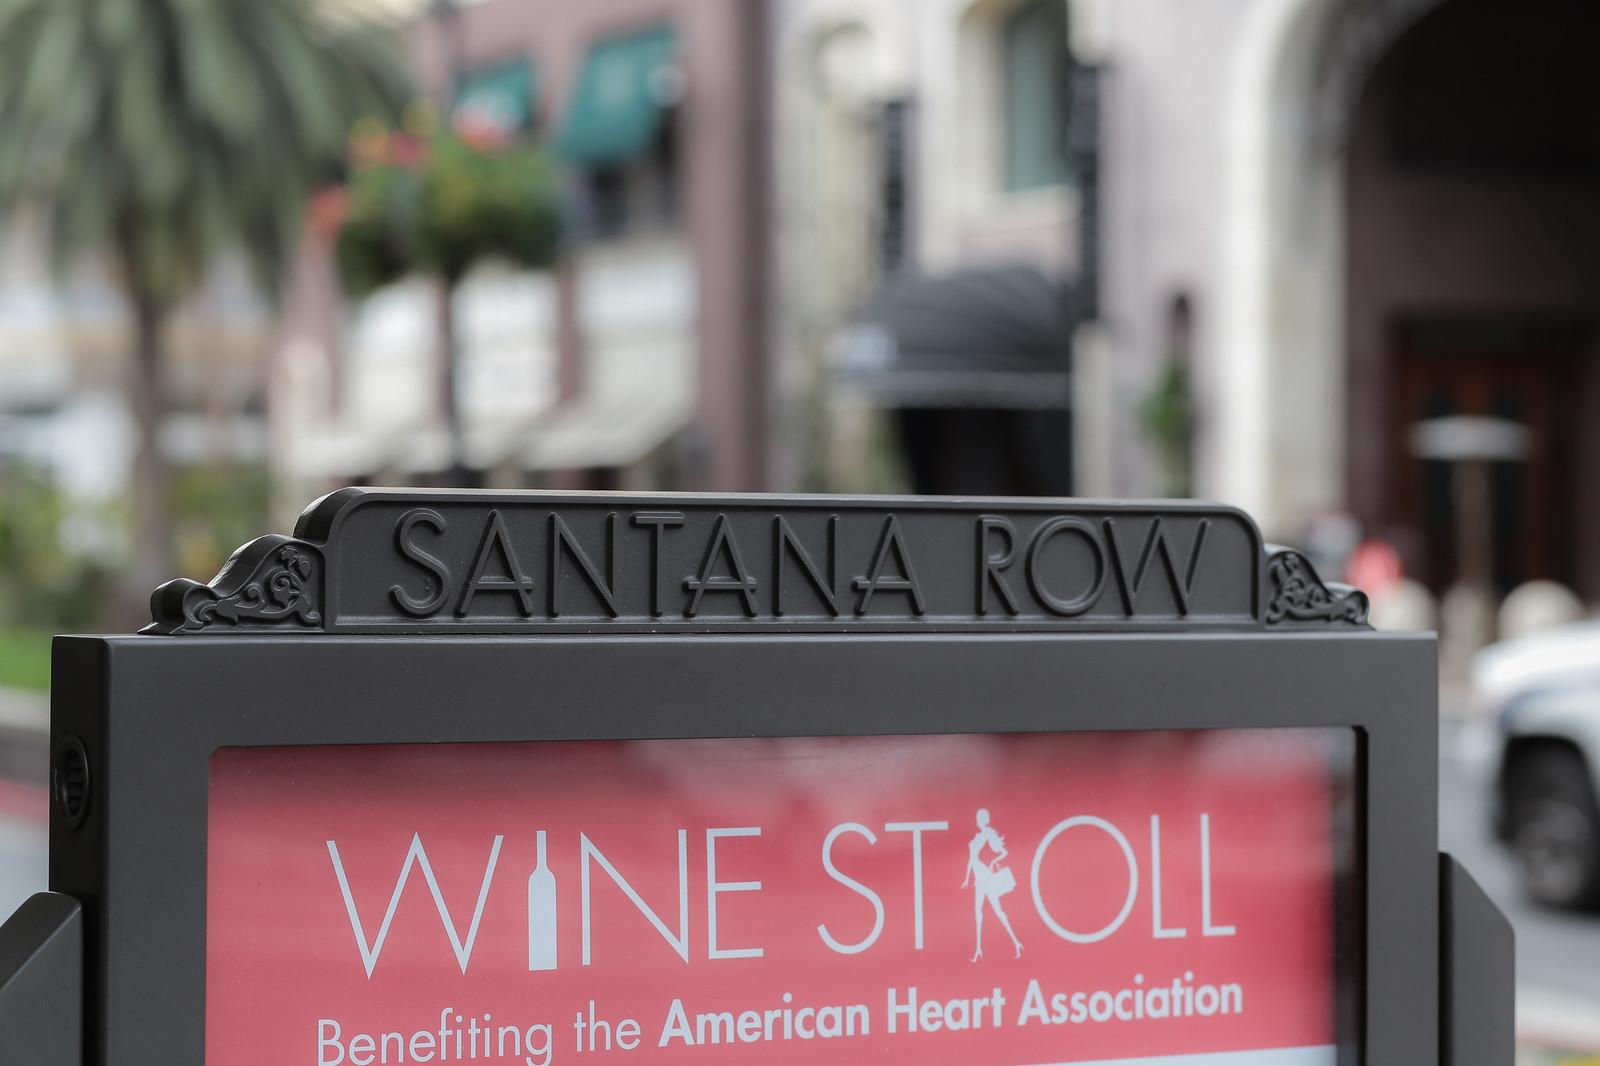 Santana Row Blu Skye Media-8917-X3.jpg